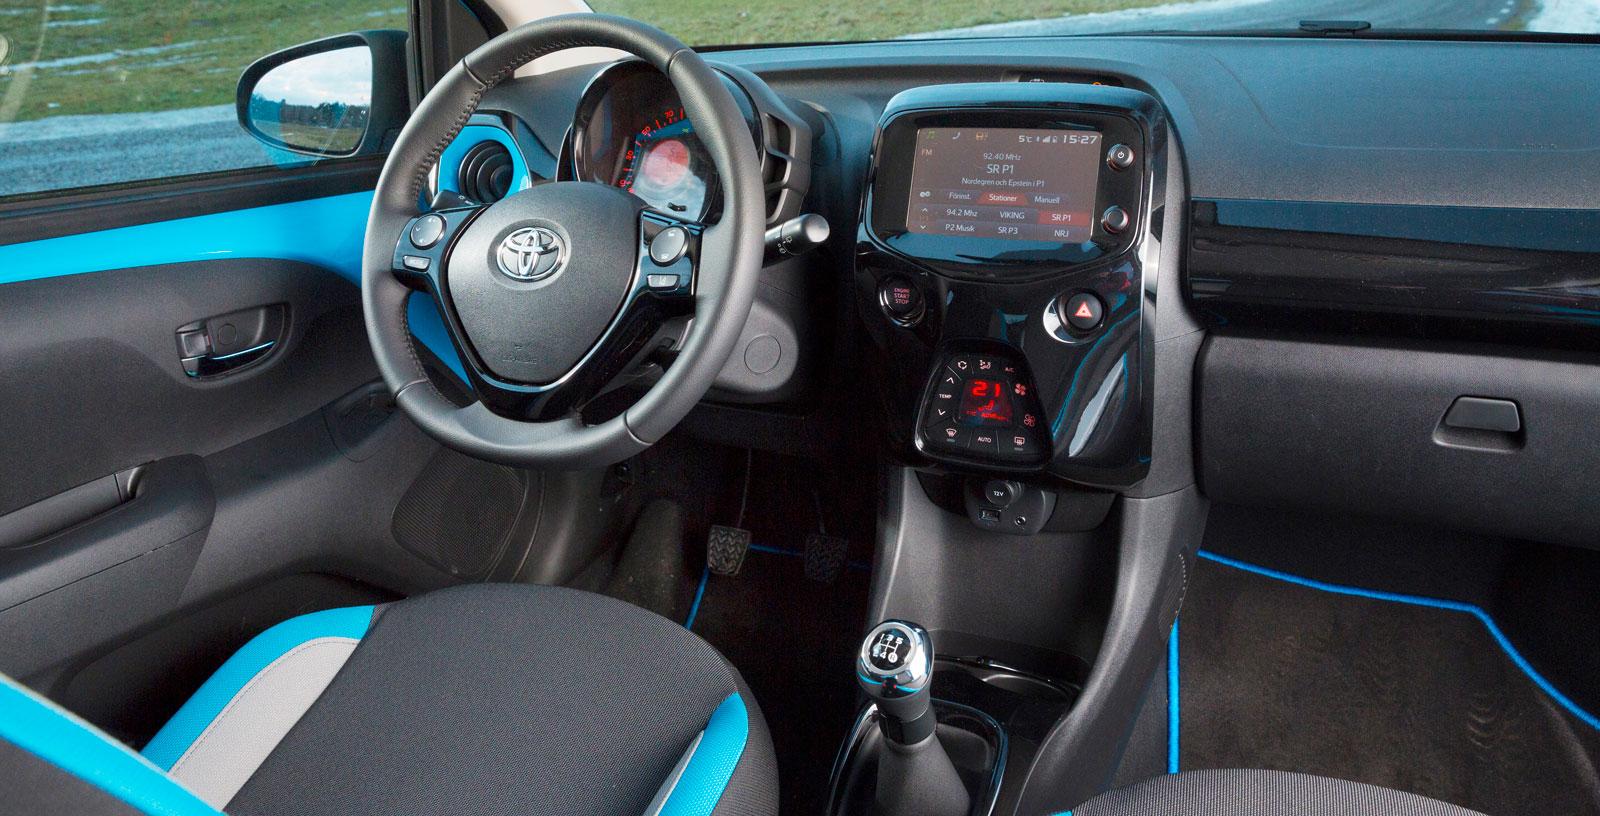 Toyota har också satt färg på inredningen. Testbilen hade blå detaljer på bland annat dörrar och säten. För övrigt snygg layout på förarplatsen.